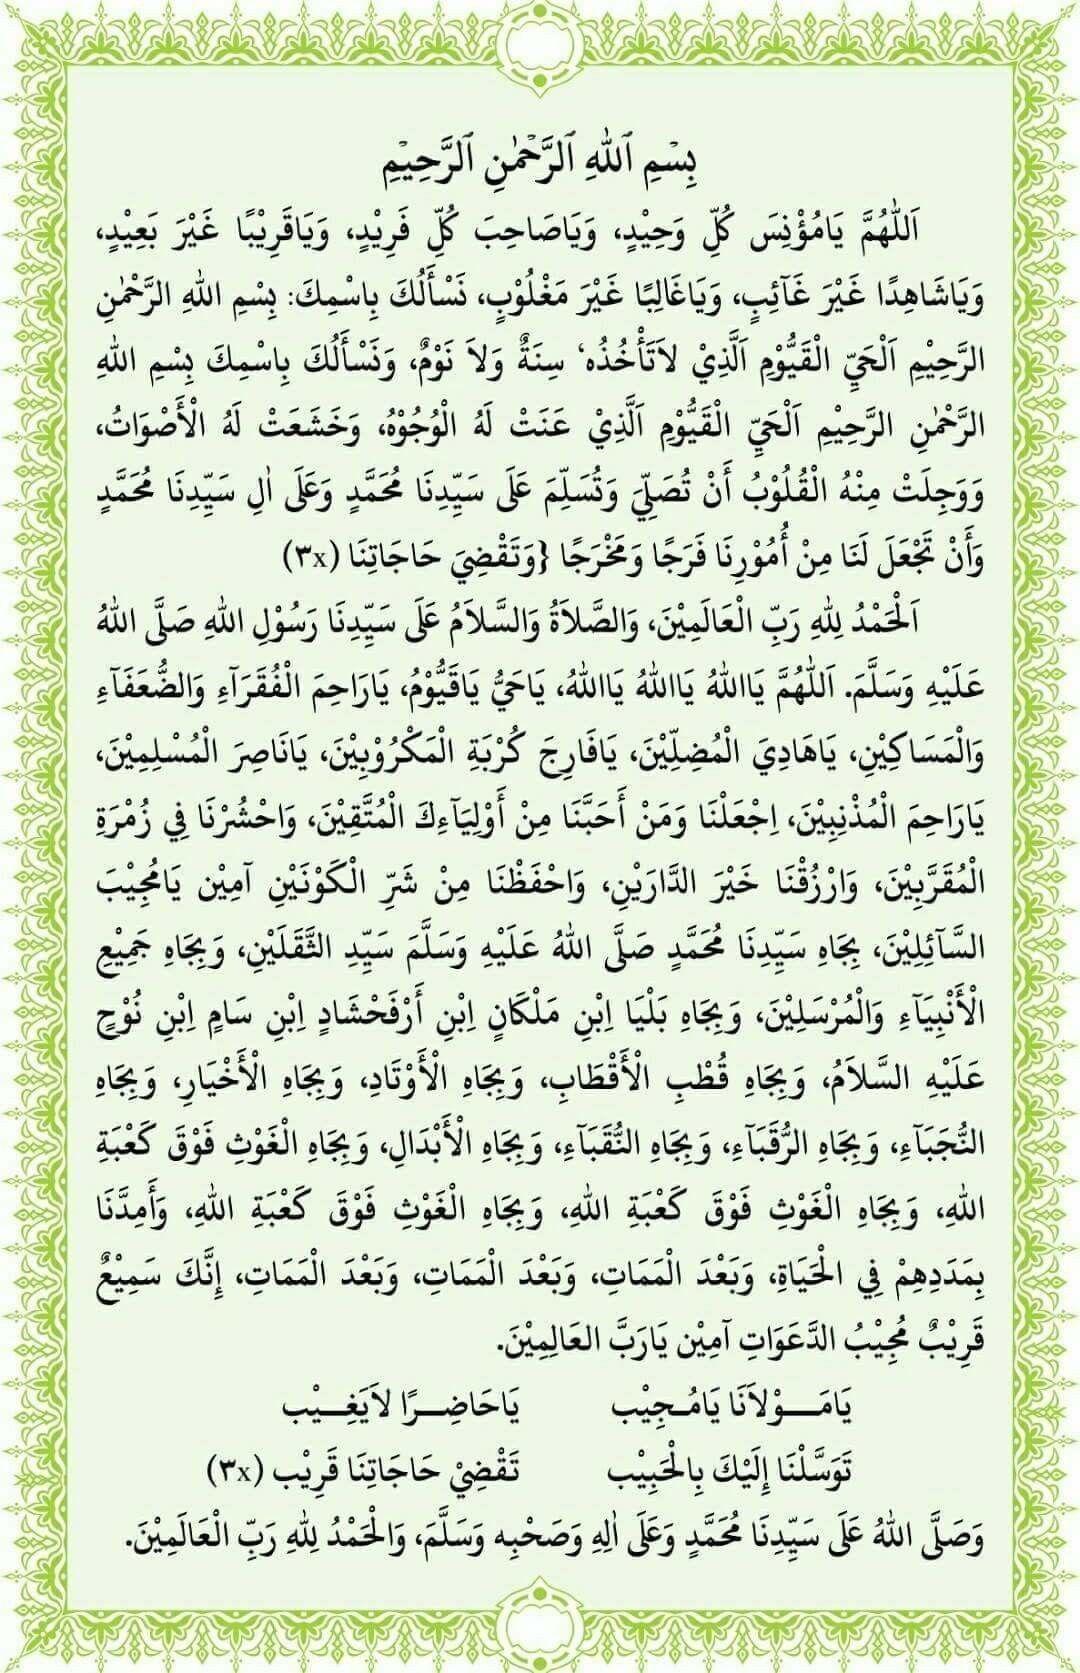 ختم القرآن في رمضان Islam Facts Ramadan Muslim Ramadan